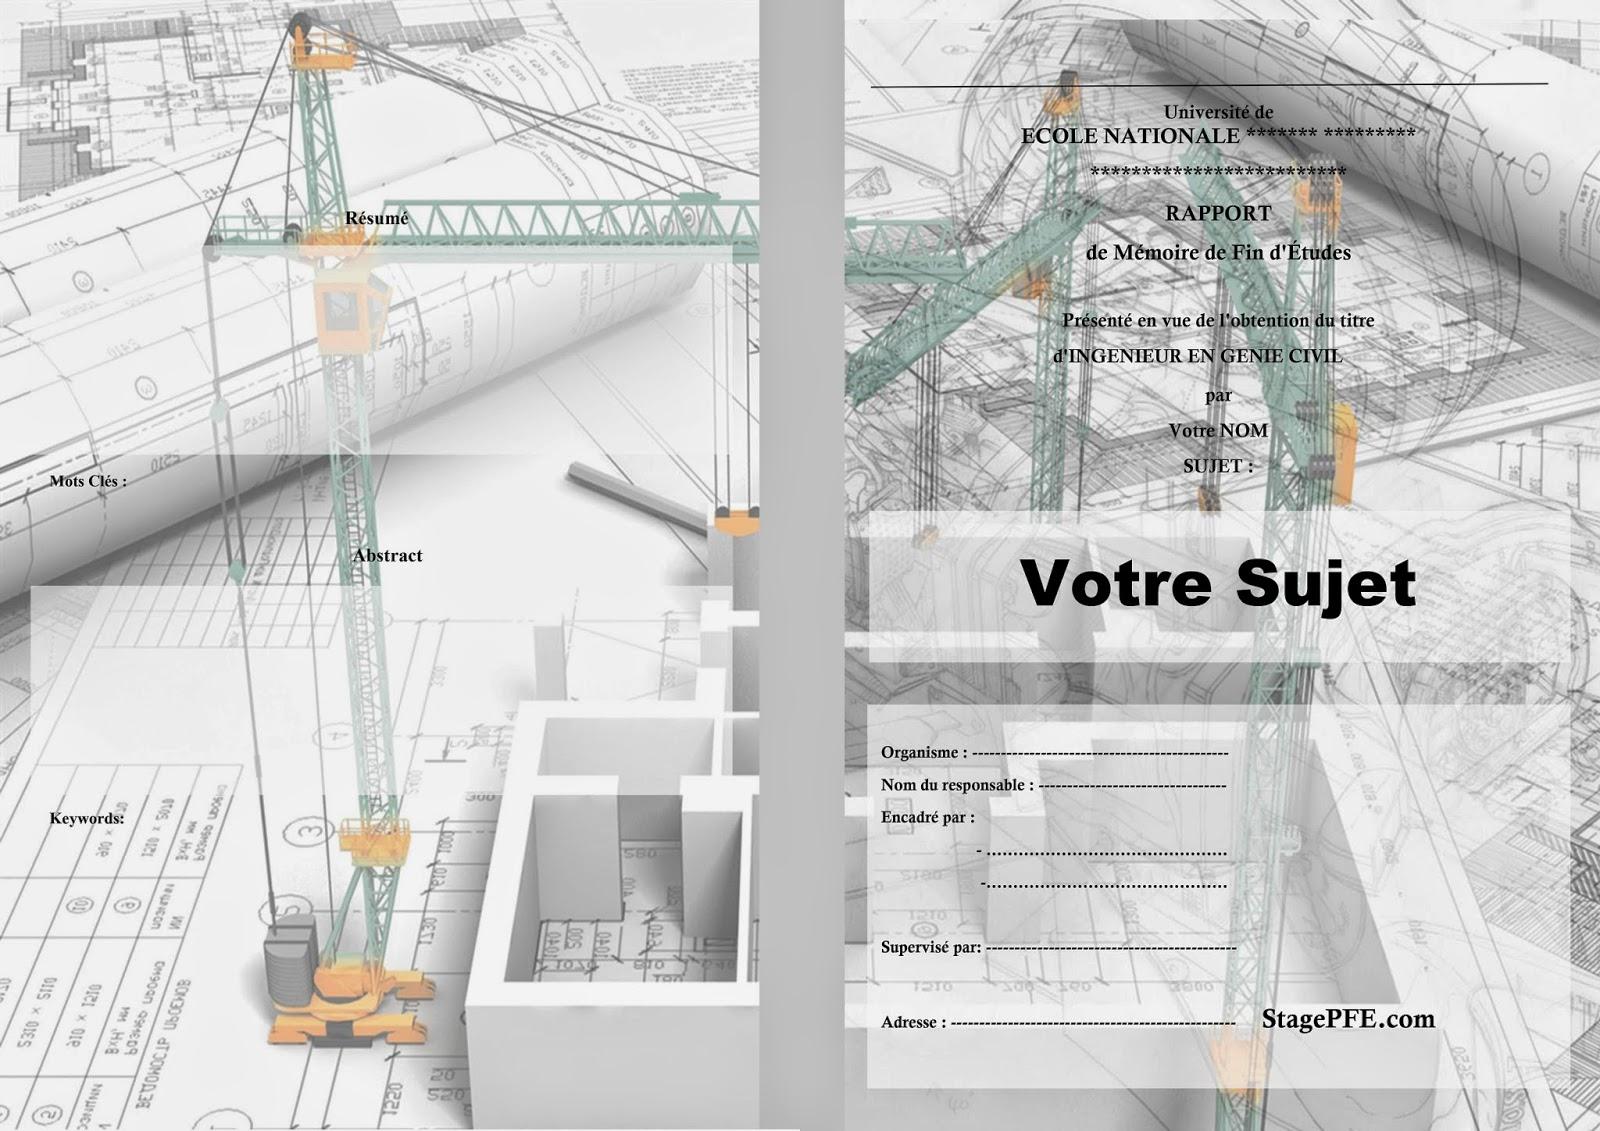 5bdocx 5d page de garde pour un  rapport de stage jpg